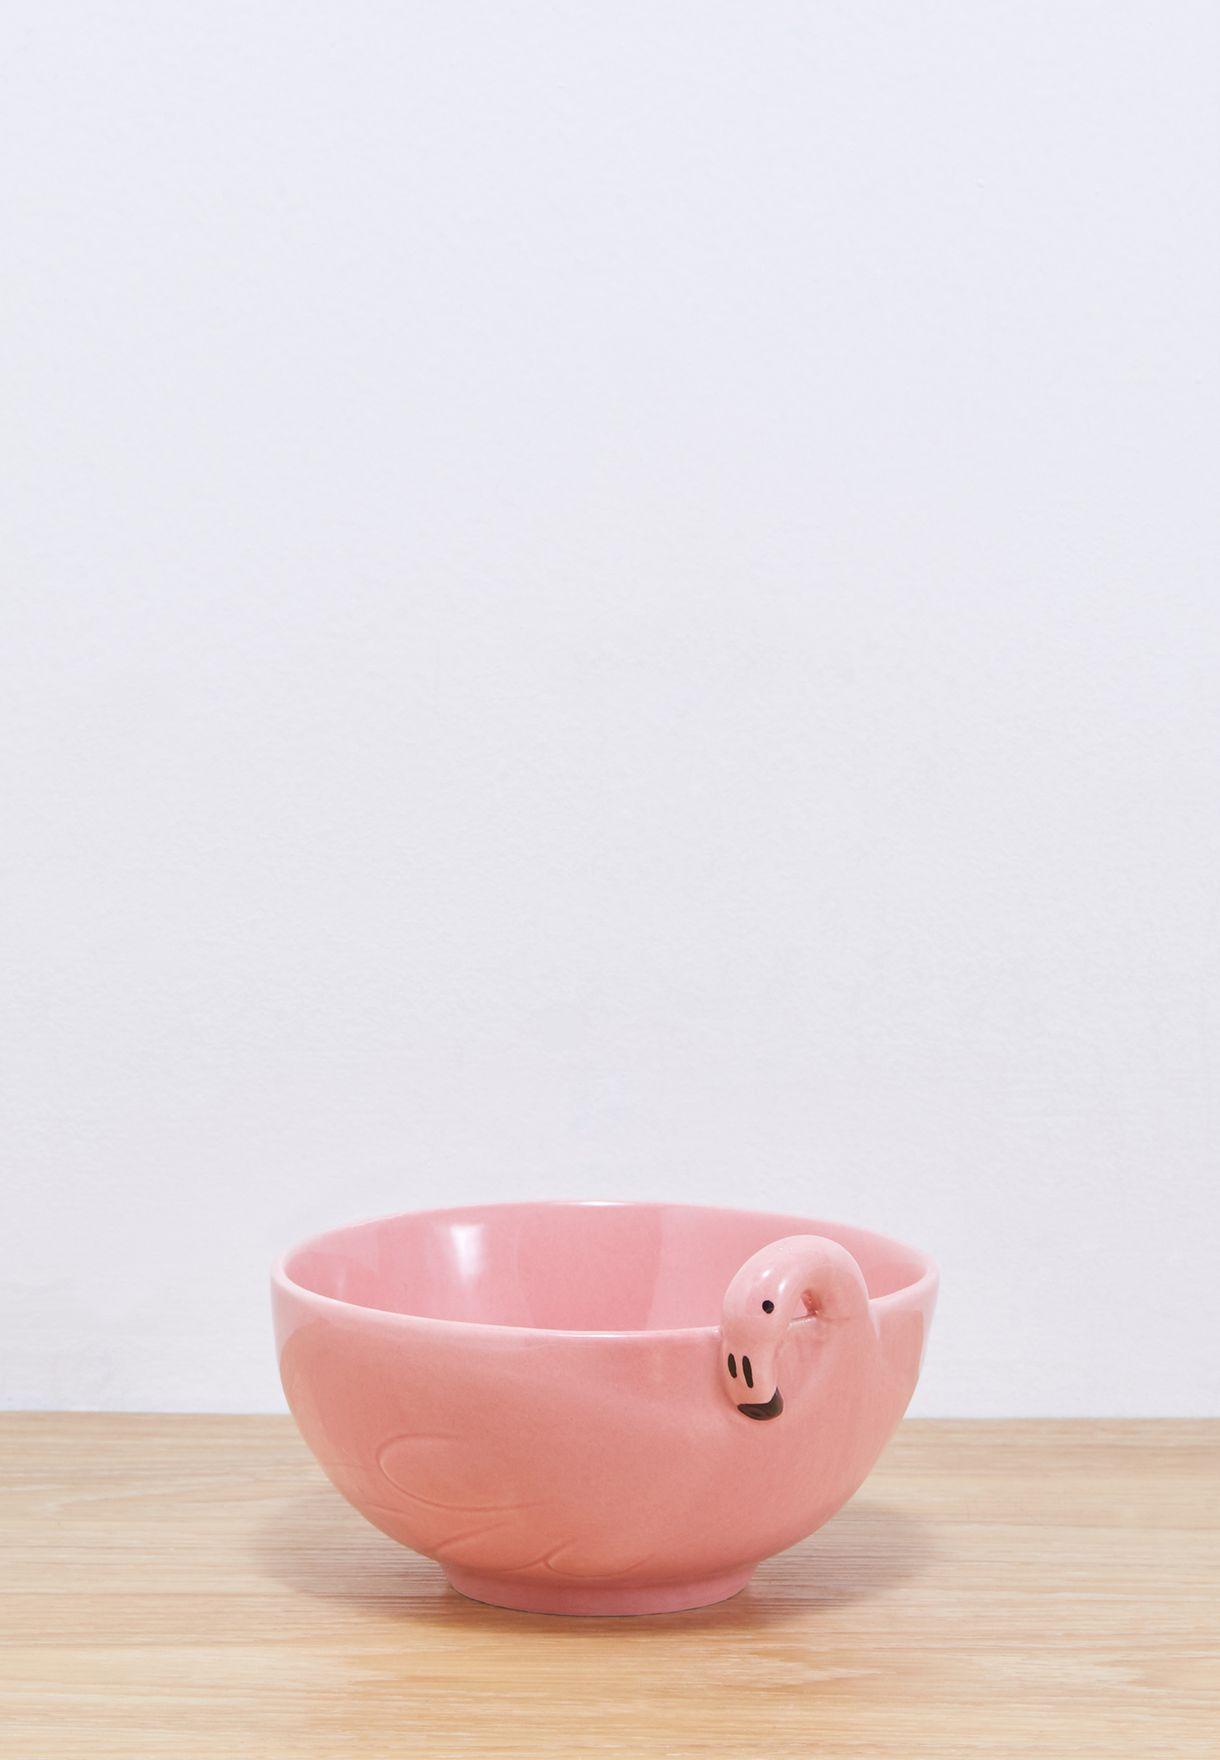 Tropical Flamingo Bowl